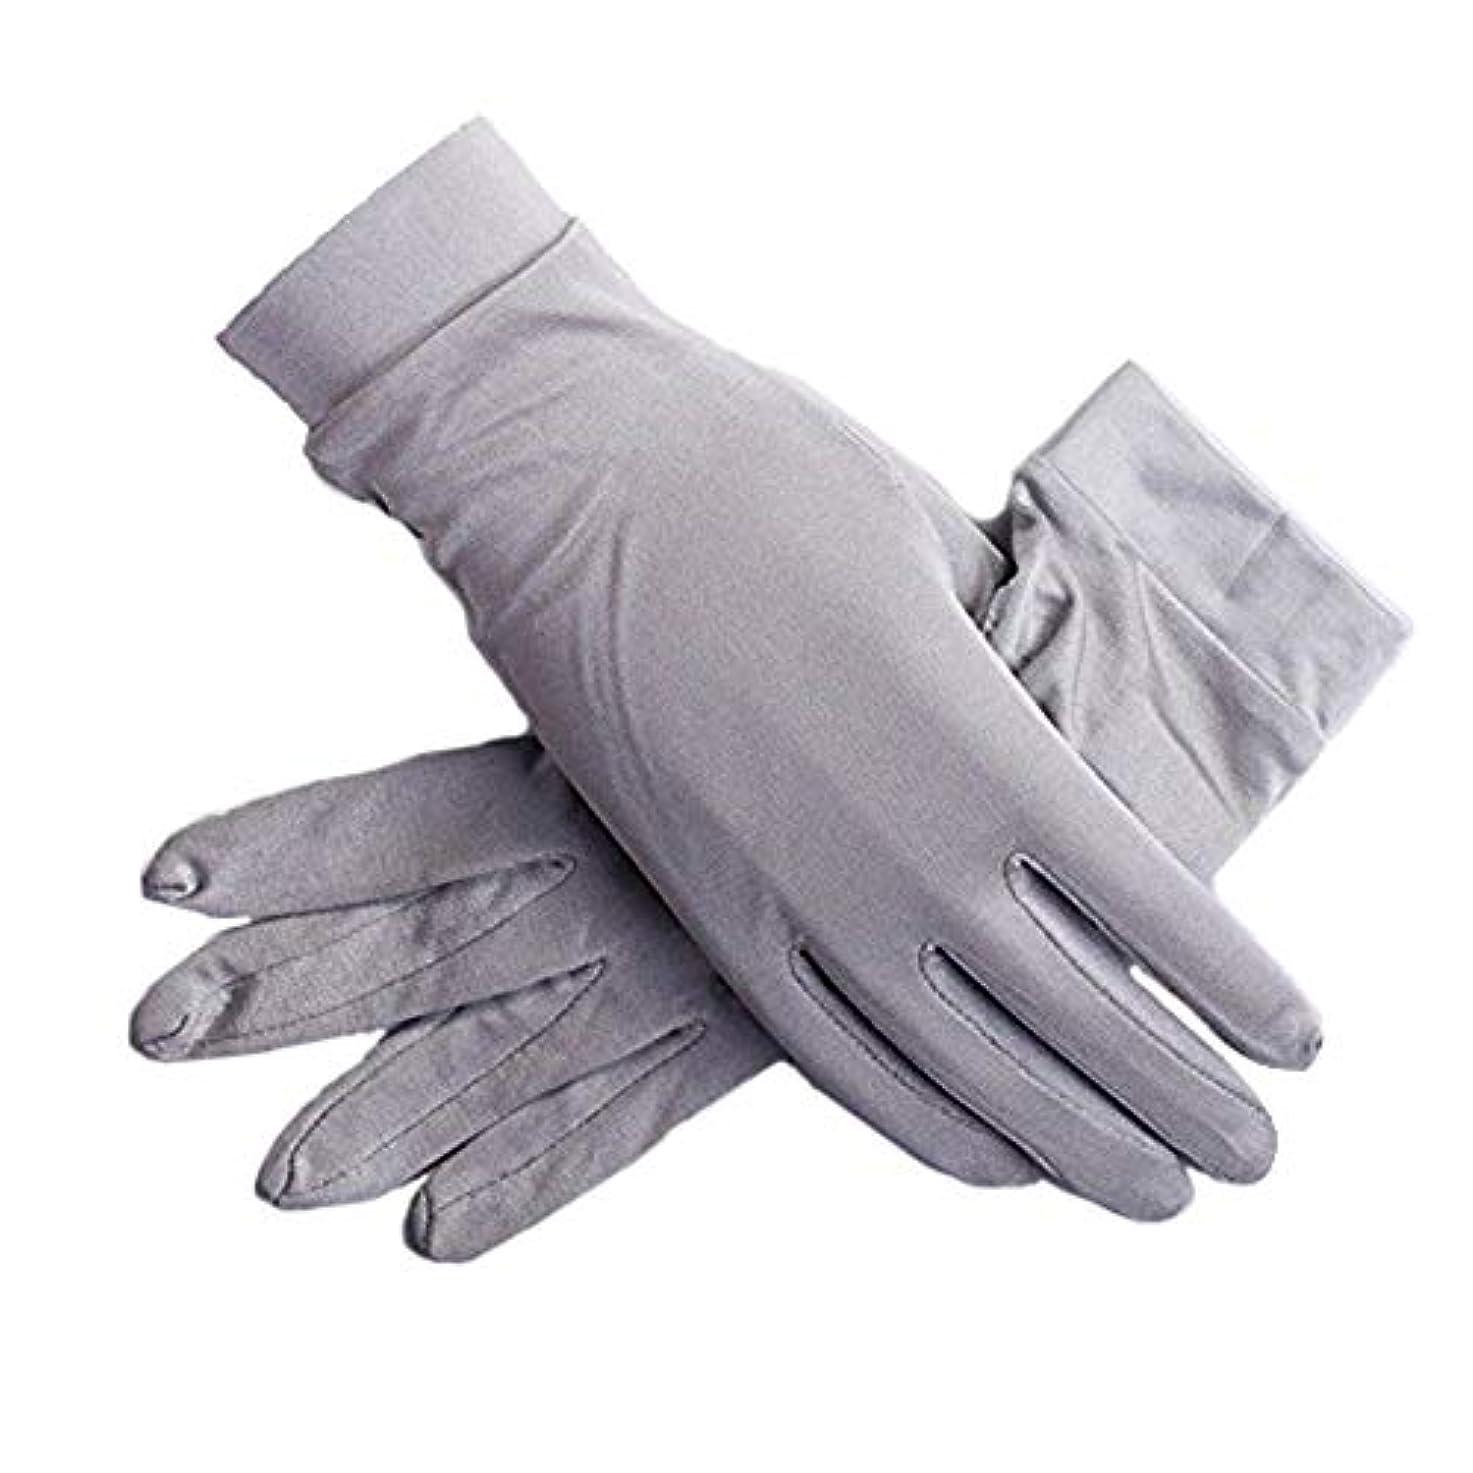 賞賛する市町村撤退メンズ シルク手袋 手袋 シルク おやすみ 手触り夏 ハンド ケア レディース日焼け防止 が良い 紫外線 保湿